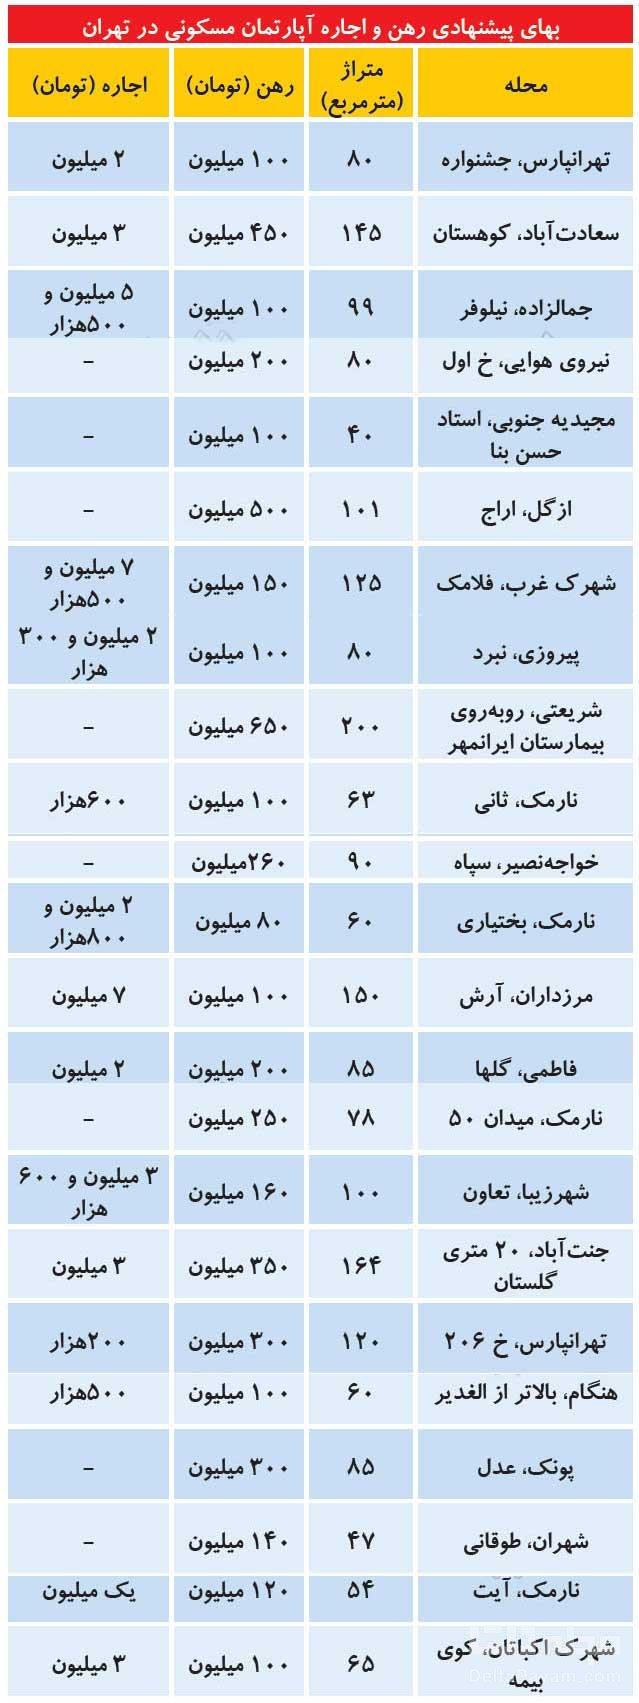 قیمت-آپارتمان-مسکونی-در-تهران